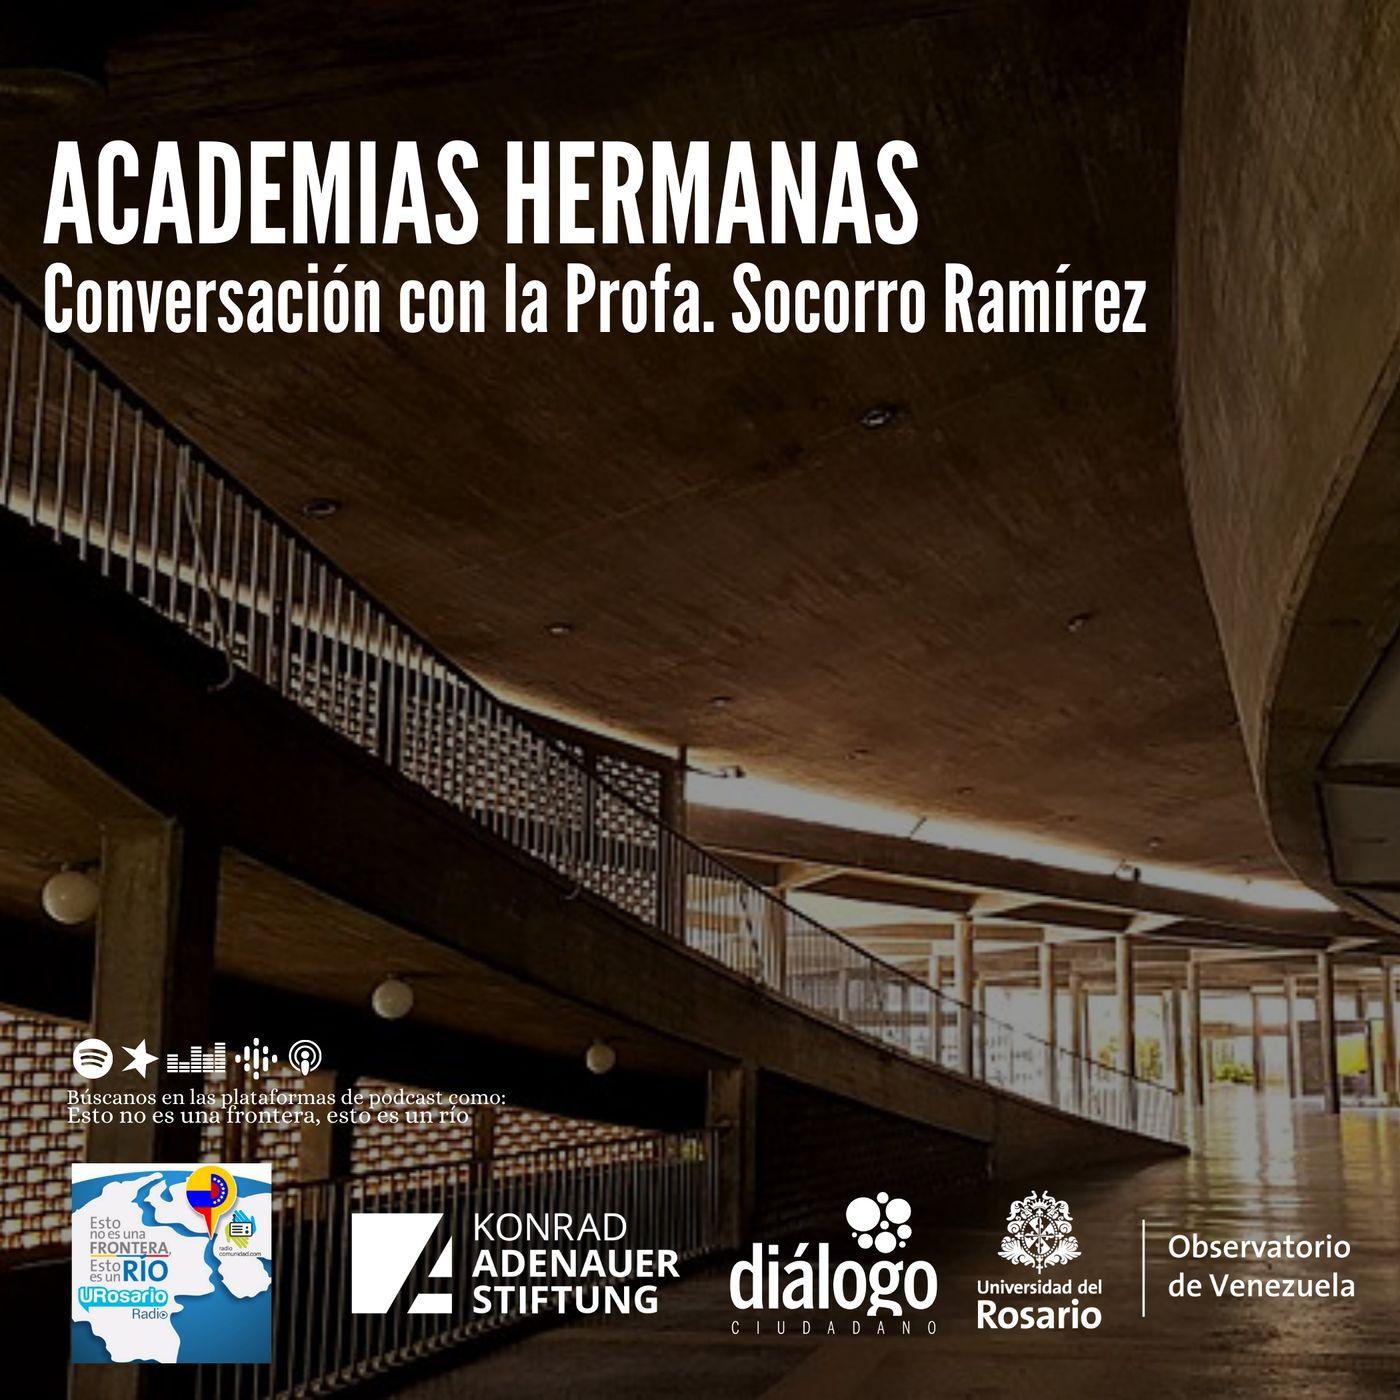 Academias hermanas: conversación con la Profesora Socorro Ramírez